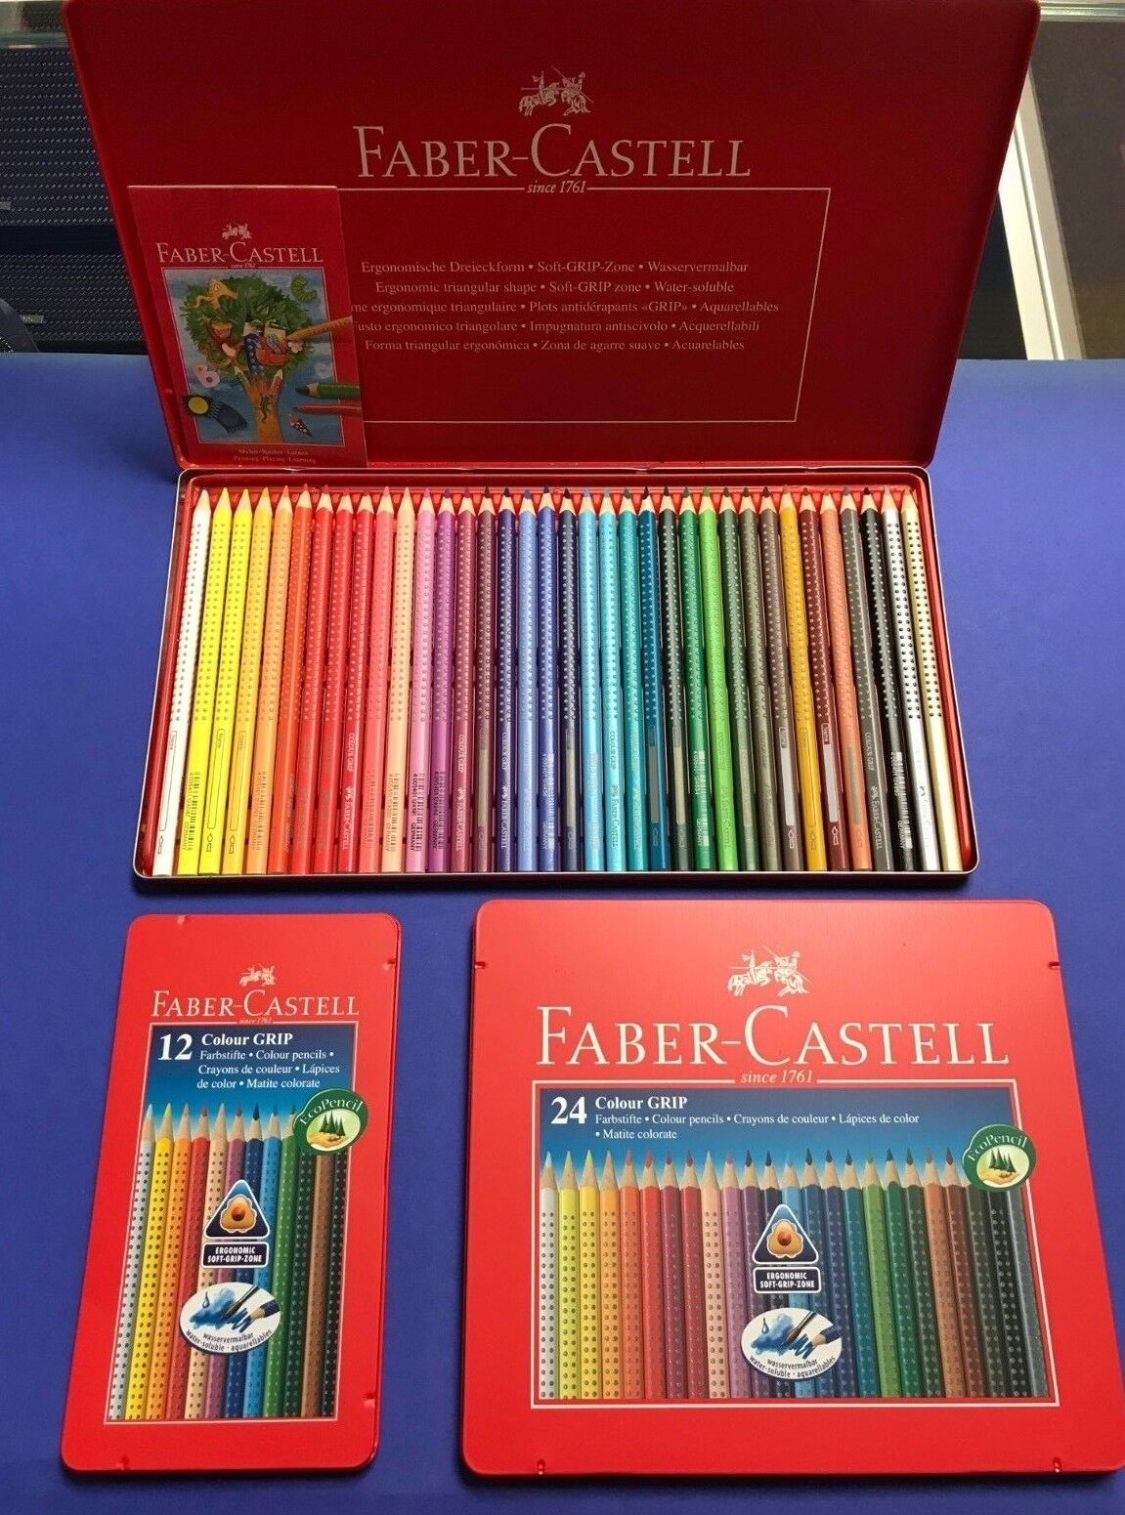 Faber Castell Colour Grip 12 er  24 und 36 iger Set Buntstifte Malen Metalletui